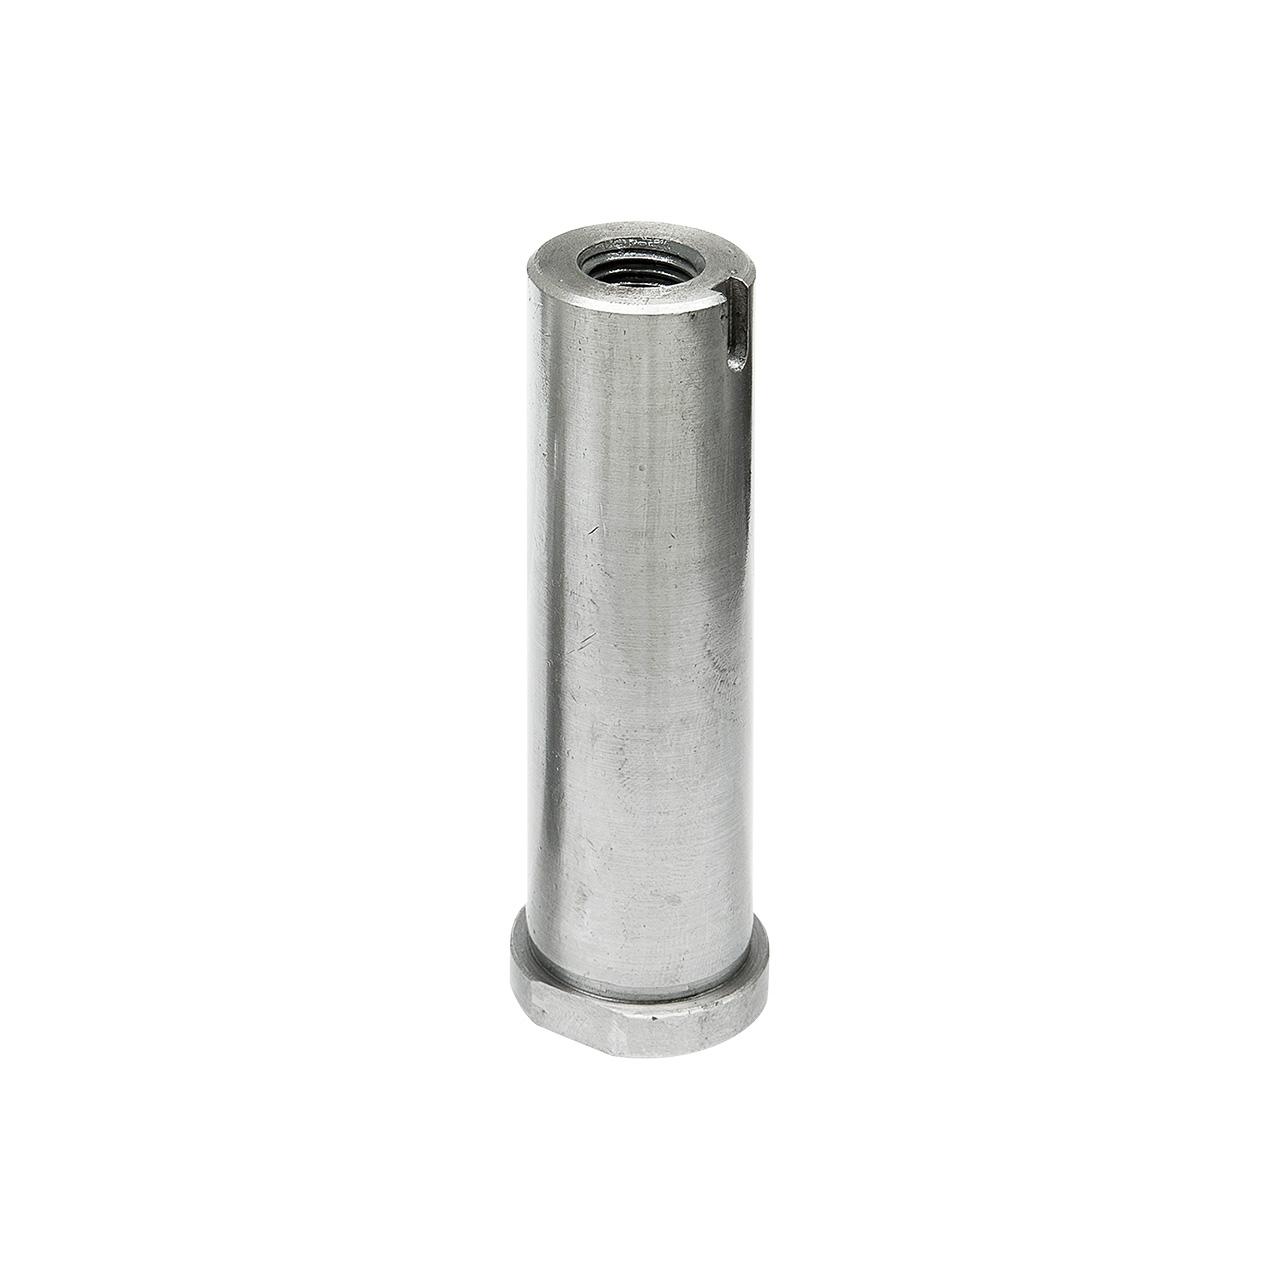 Wrzeciono 30 mm do T 500 PF BERNARDO